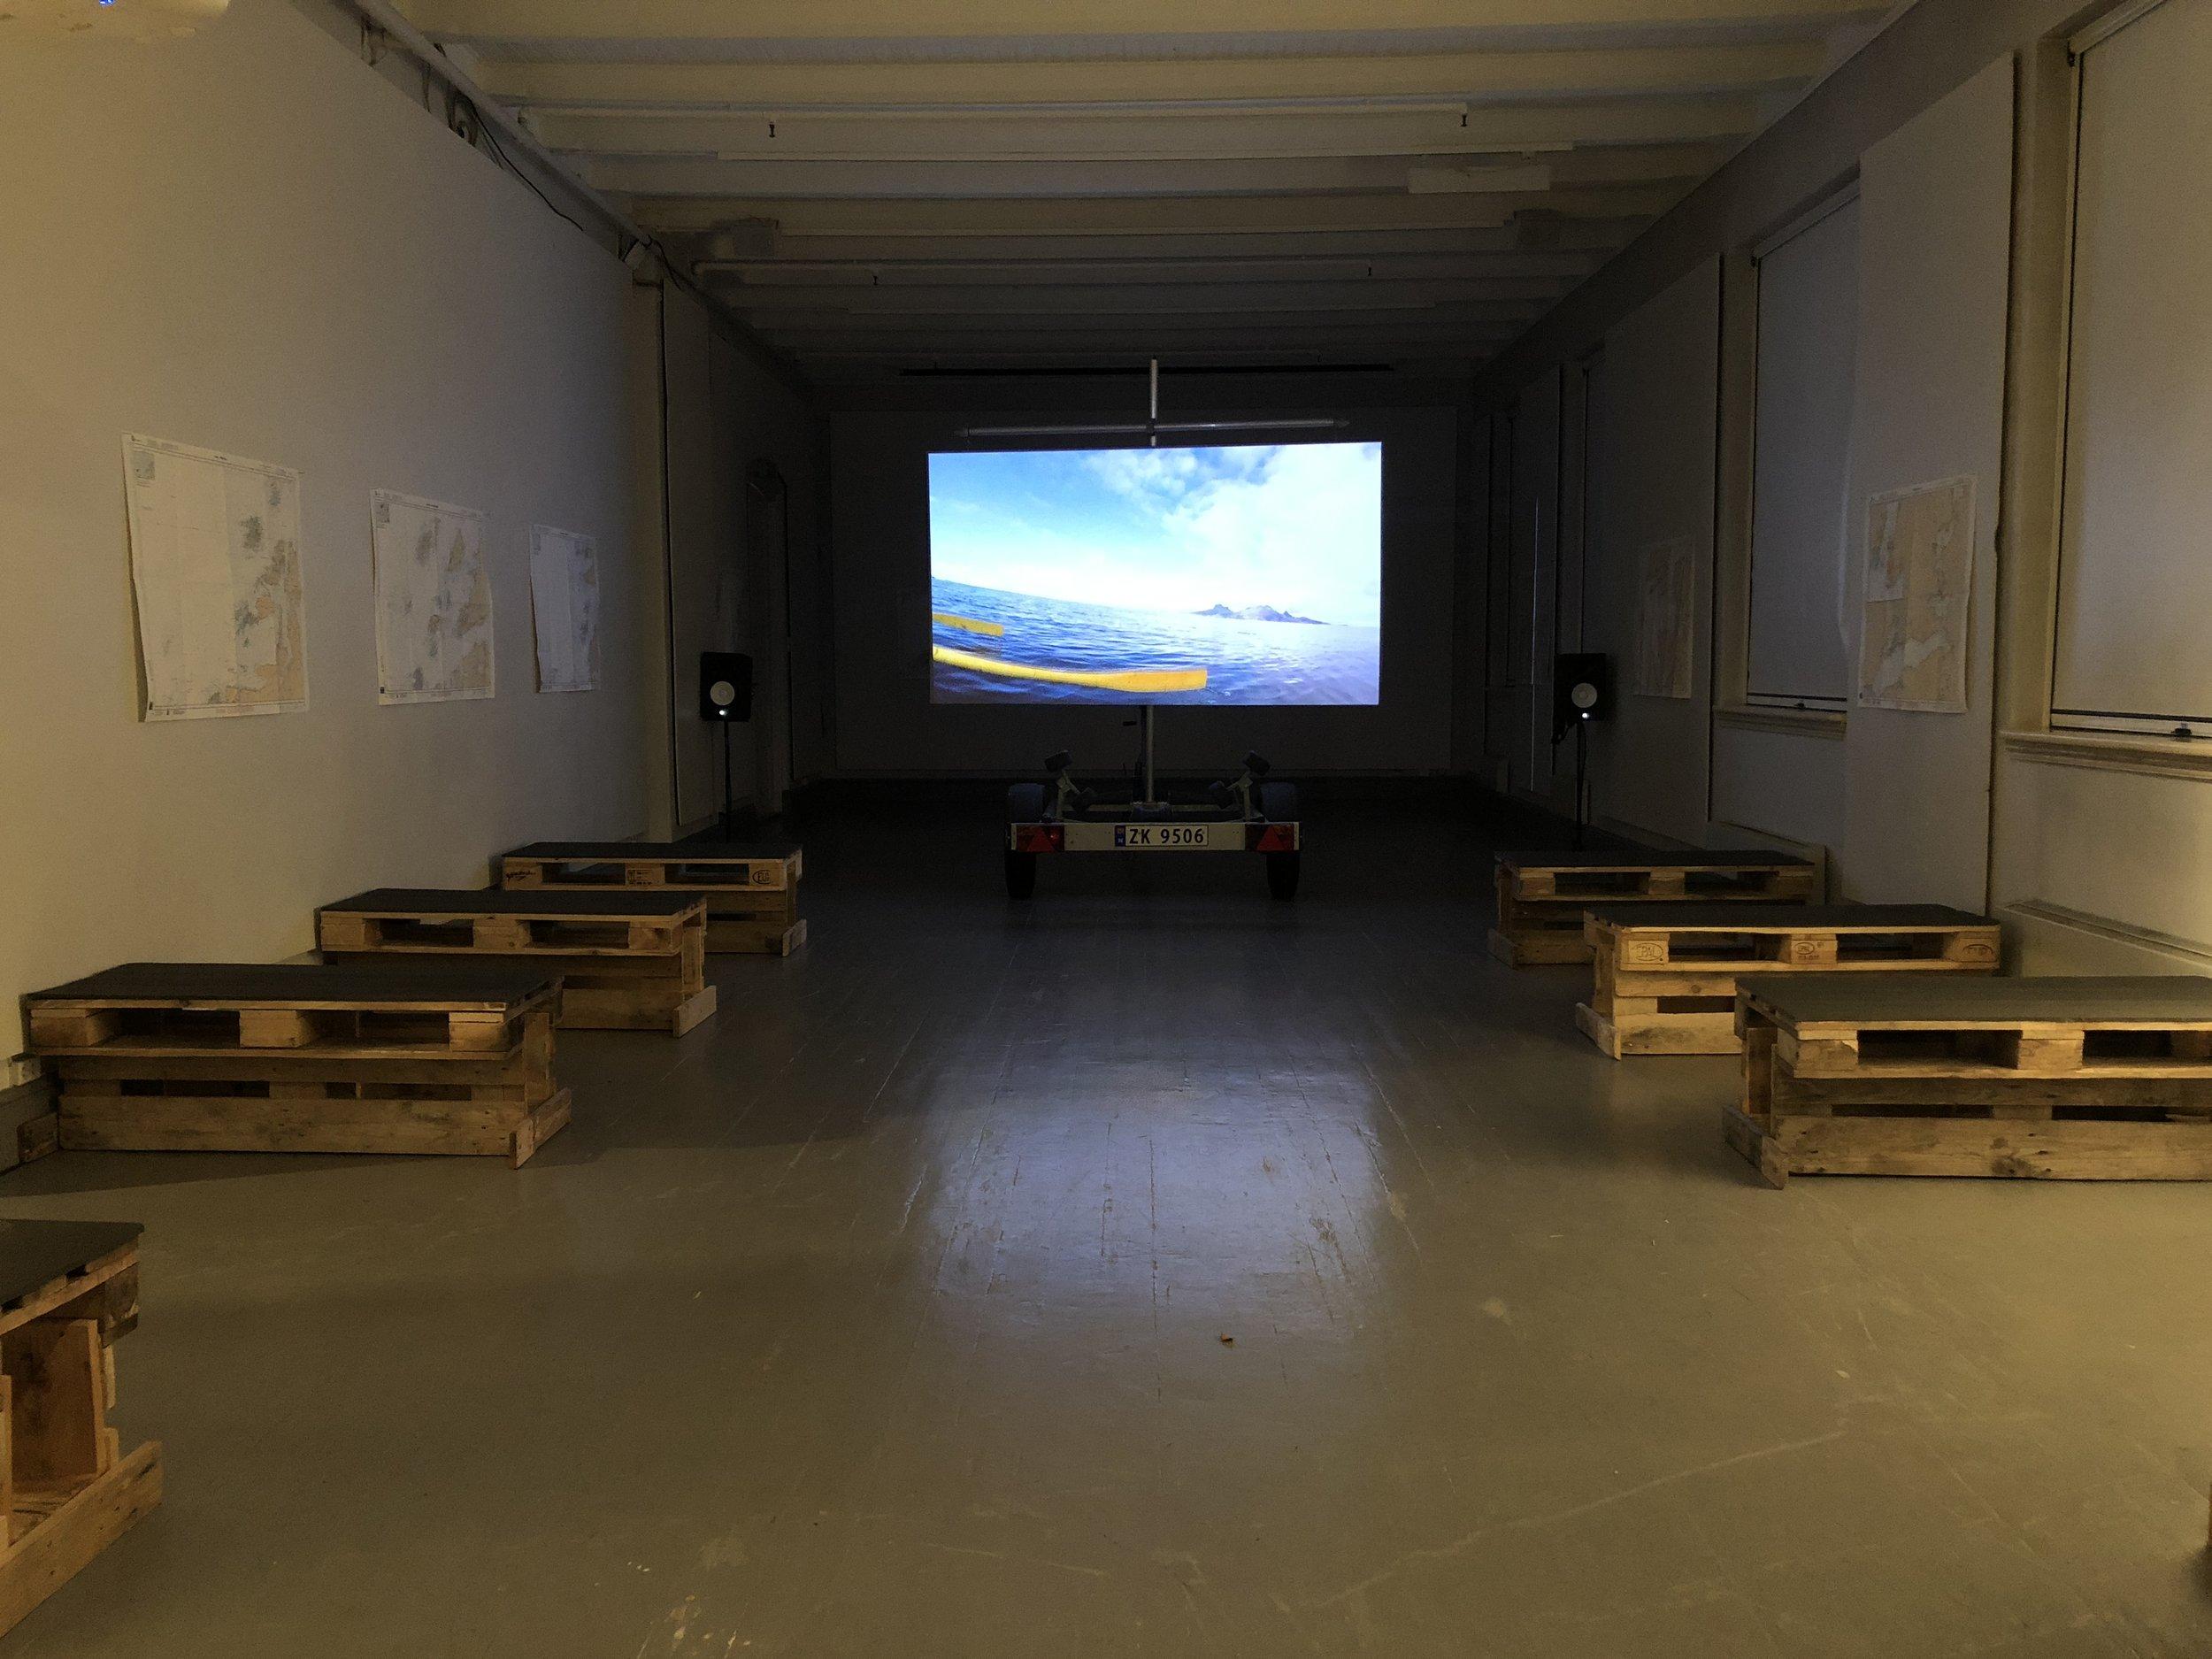 Dokumentasjon av prosjektet  Vi ror til Tromsø (2018)  av Søssa Jørgensen og Geir Tore Holm. Foto: Hilde Sørstrøm